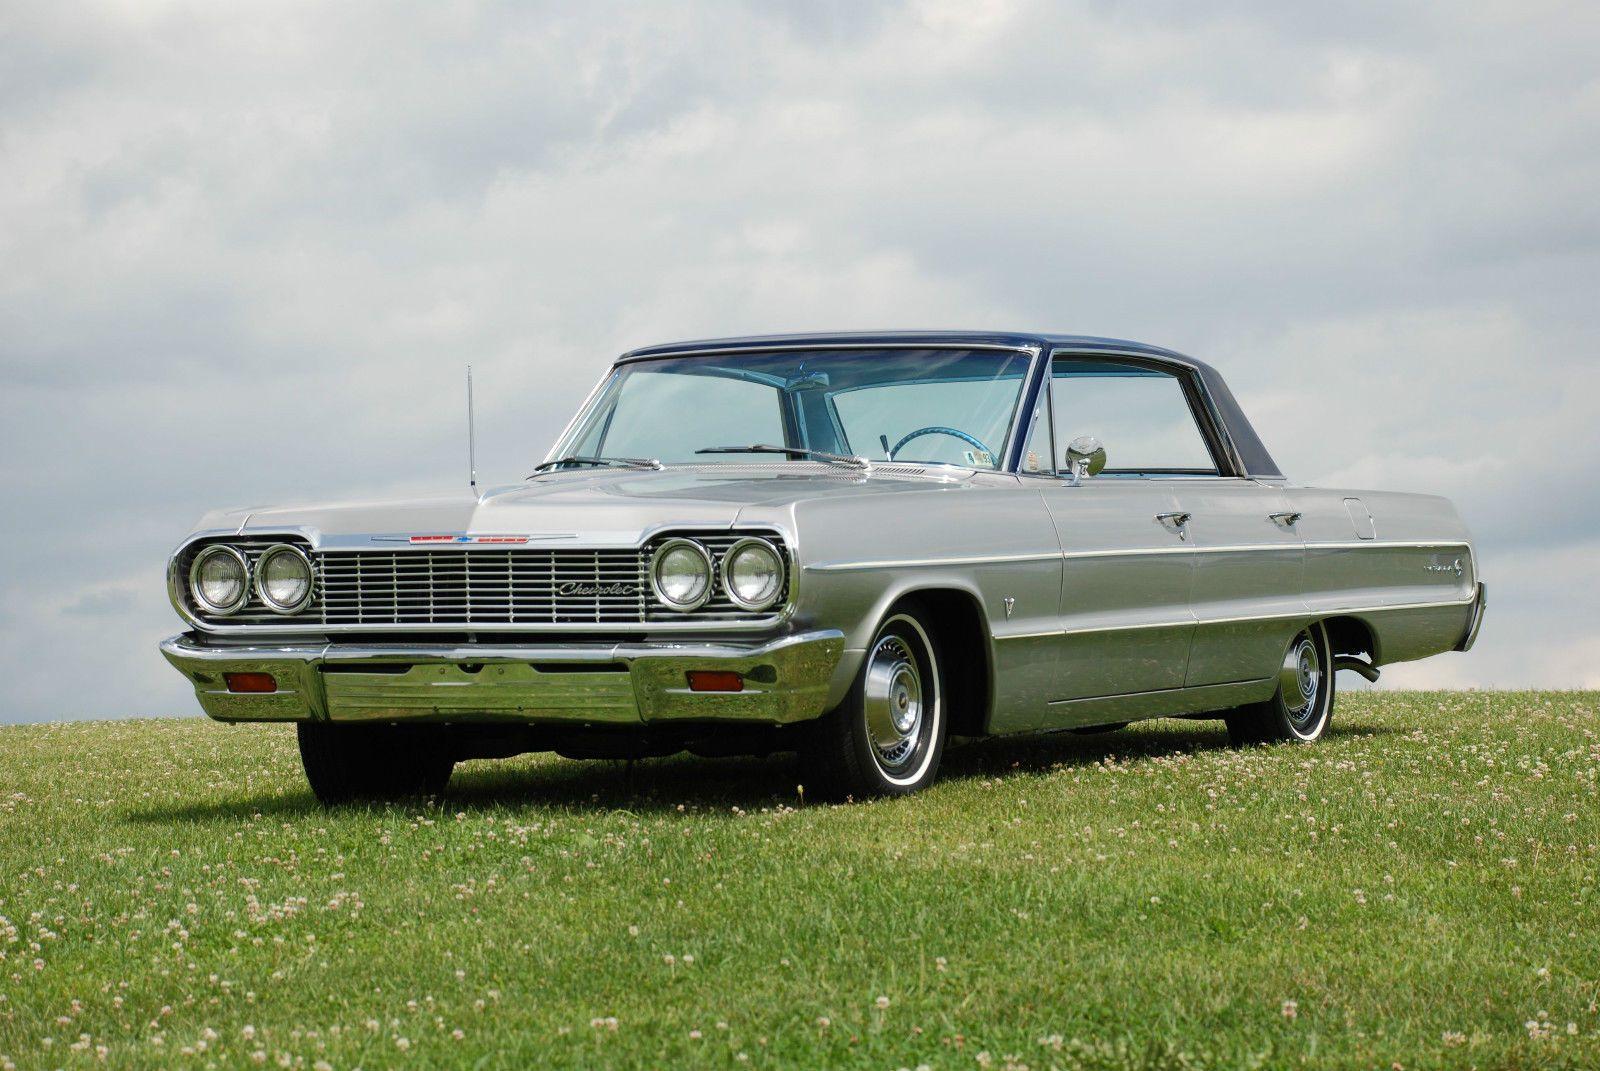 Chevrolet Impala Sedan Chevrolet Chevrolet Impala Impala